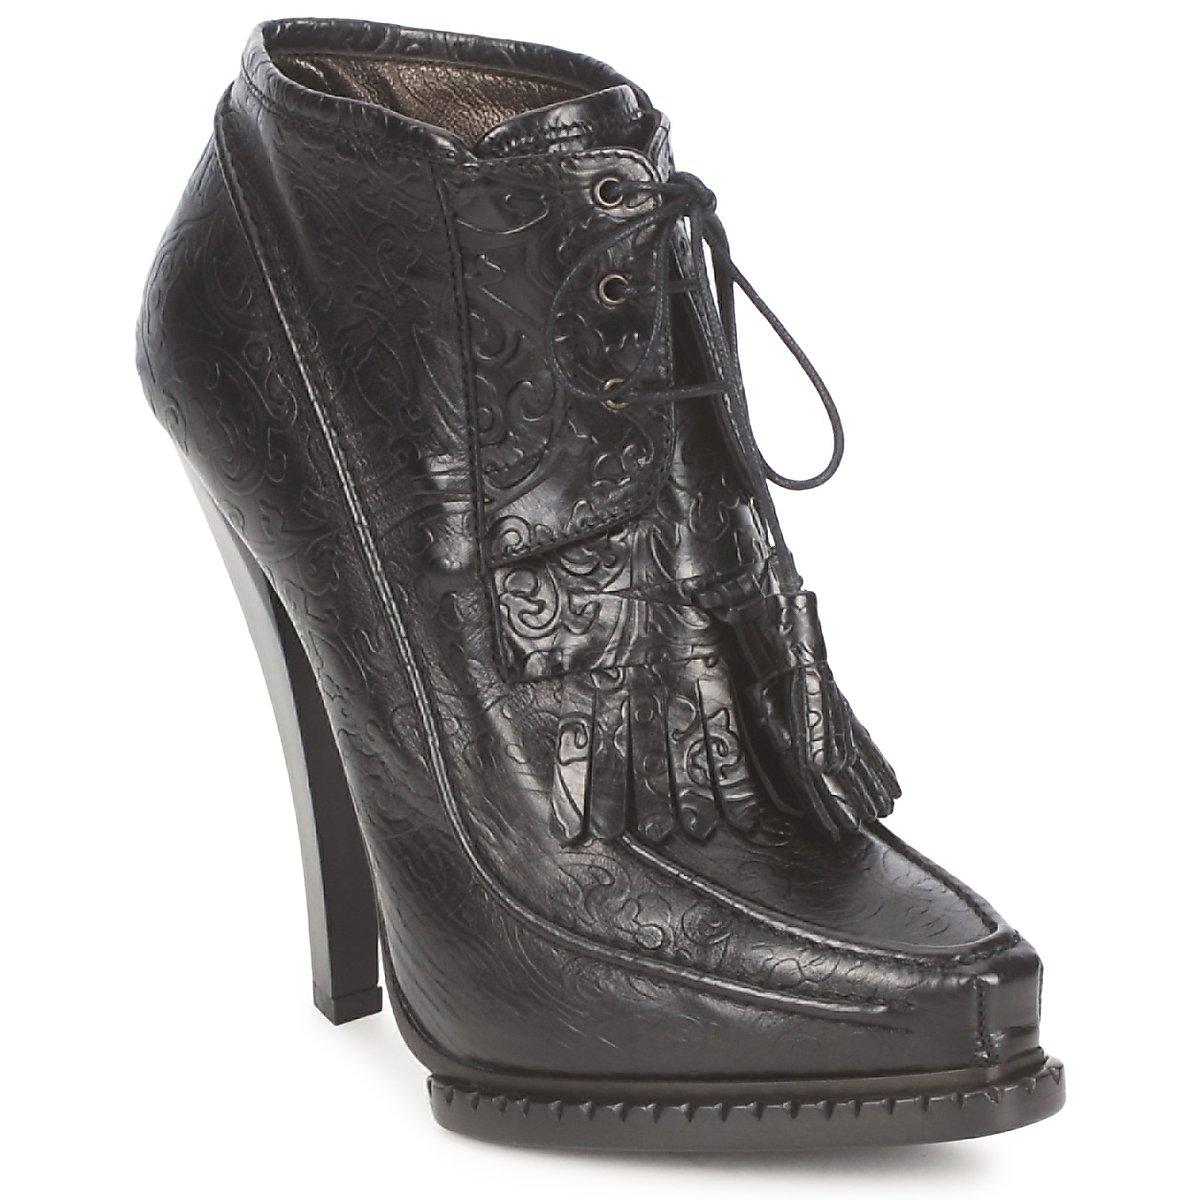 Roberto Cavalli QDS640-PZ030 Schwarz - Kostenloser Versand bei Spartoode ! - Schuhe Low Boots Damen 599,50 €